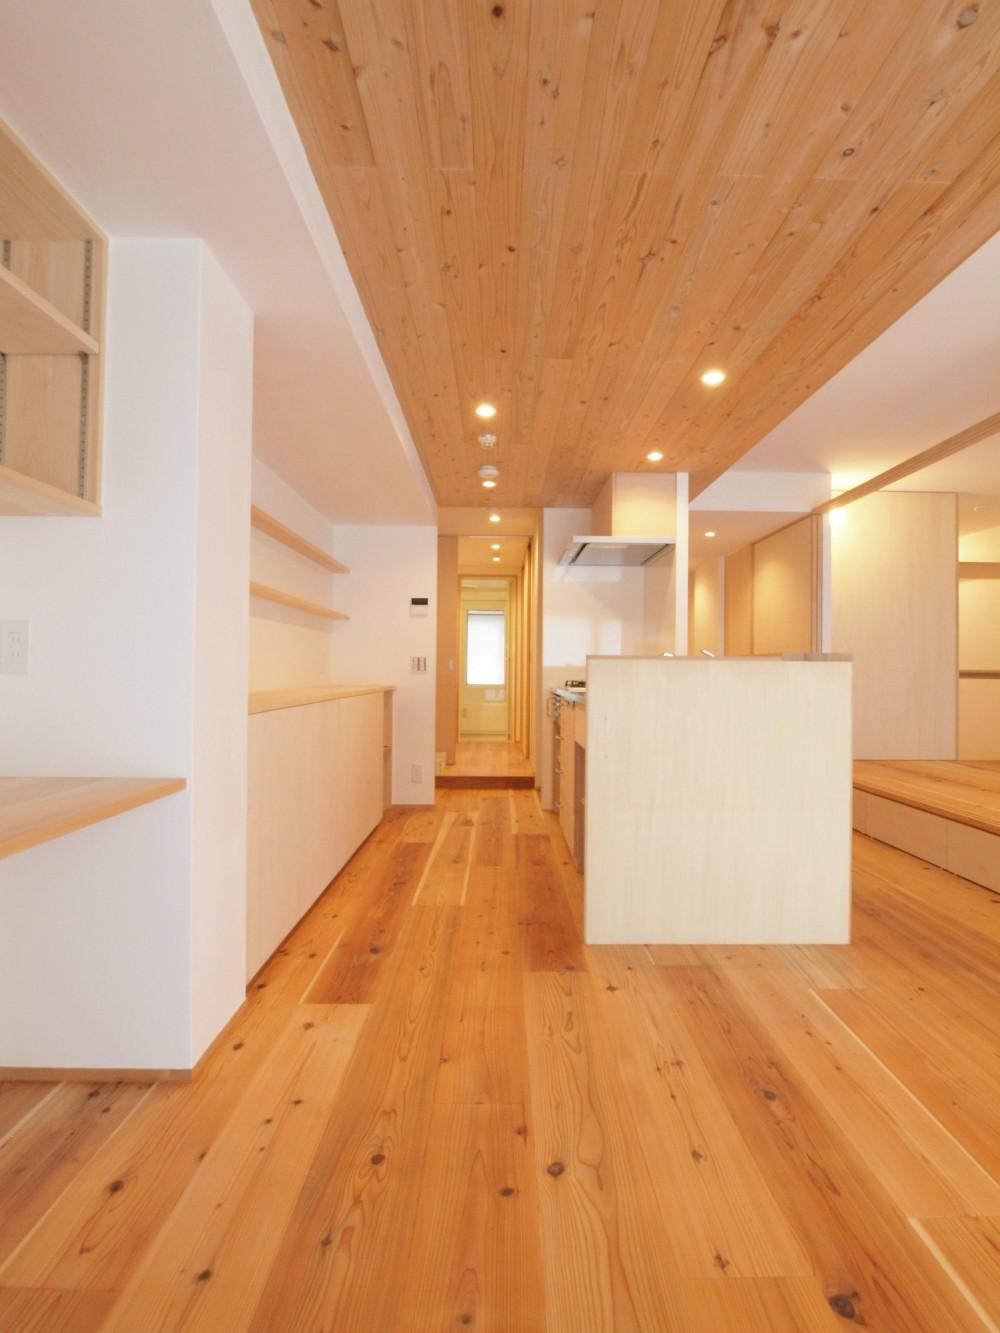 土間スペースと小上がり寝室・床下収納のある木の住まい (空間の繋がりを感じる杉羽目板天井)